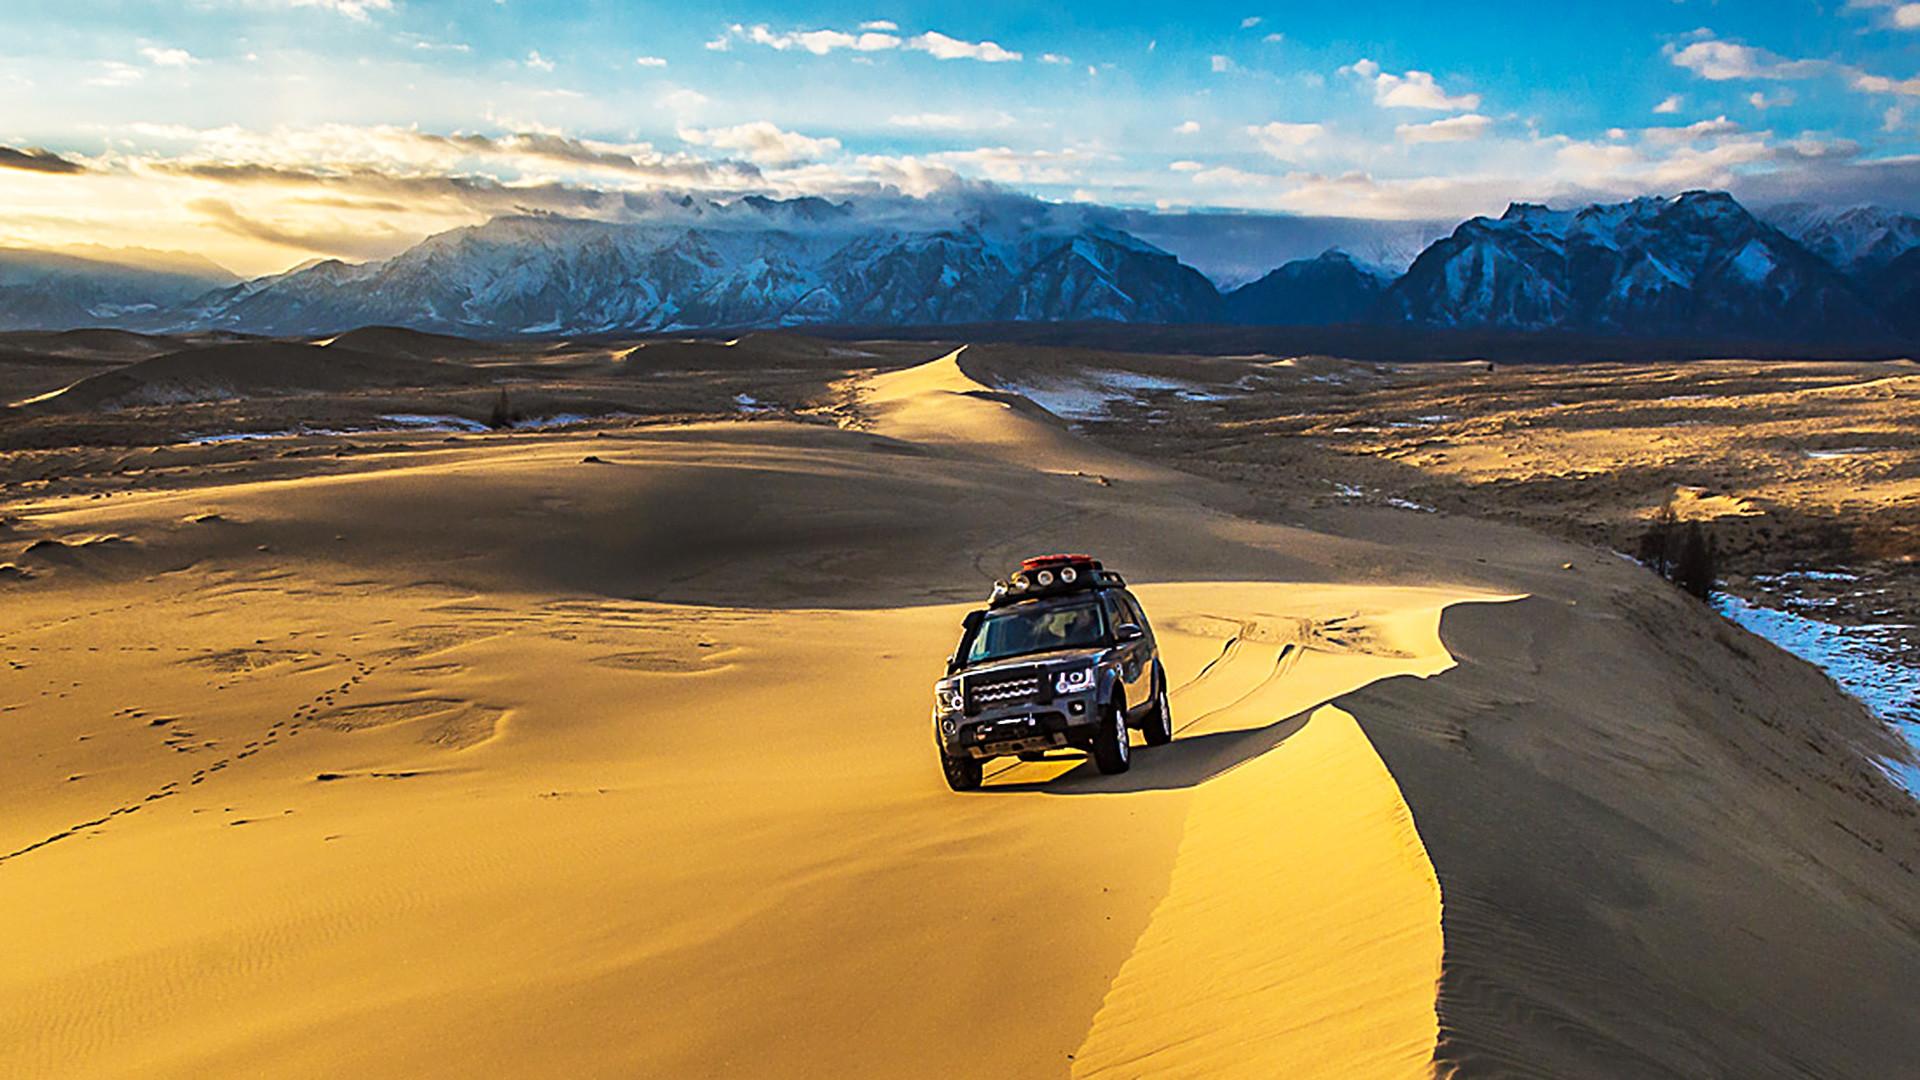 Песак међу језерима и планинама: Руска пустиња која ће вас очарати